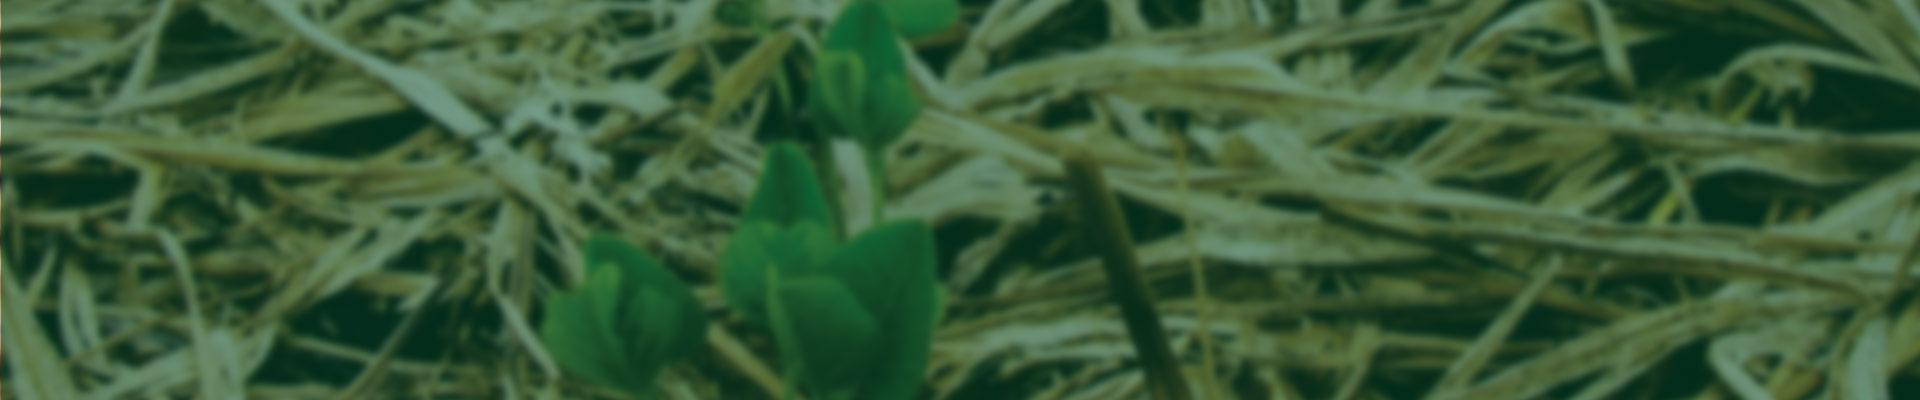 O capim piatã apresenta boa qualidade e alta produção de folhas. Sua produção total média de forragem é de 9,5 t/ha de matéria seca ao ano, com 57% de folhas. Trinta e seis por cento dessa produção se dá durante o período seco do ano, favorecendo o desempenho animal nesse período.